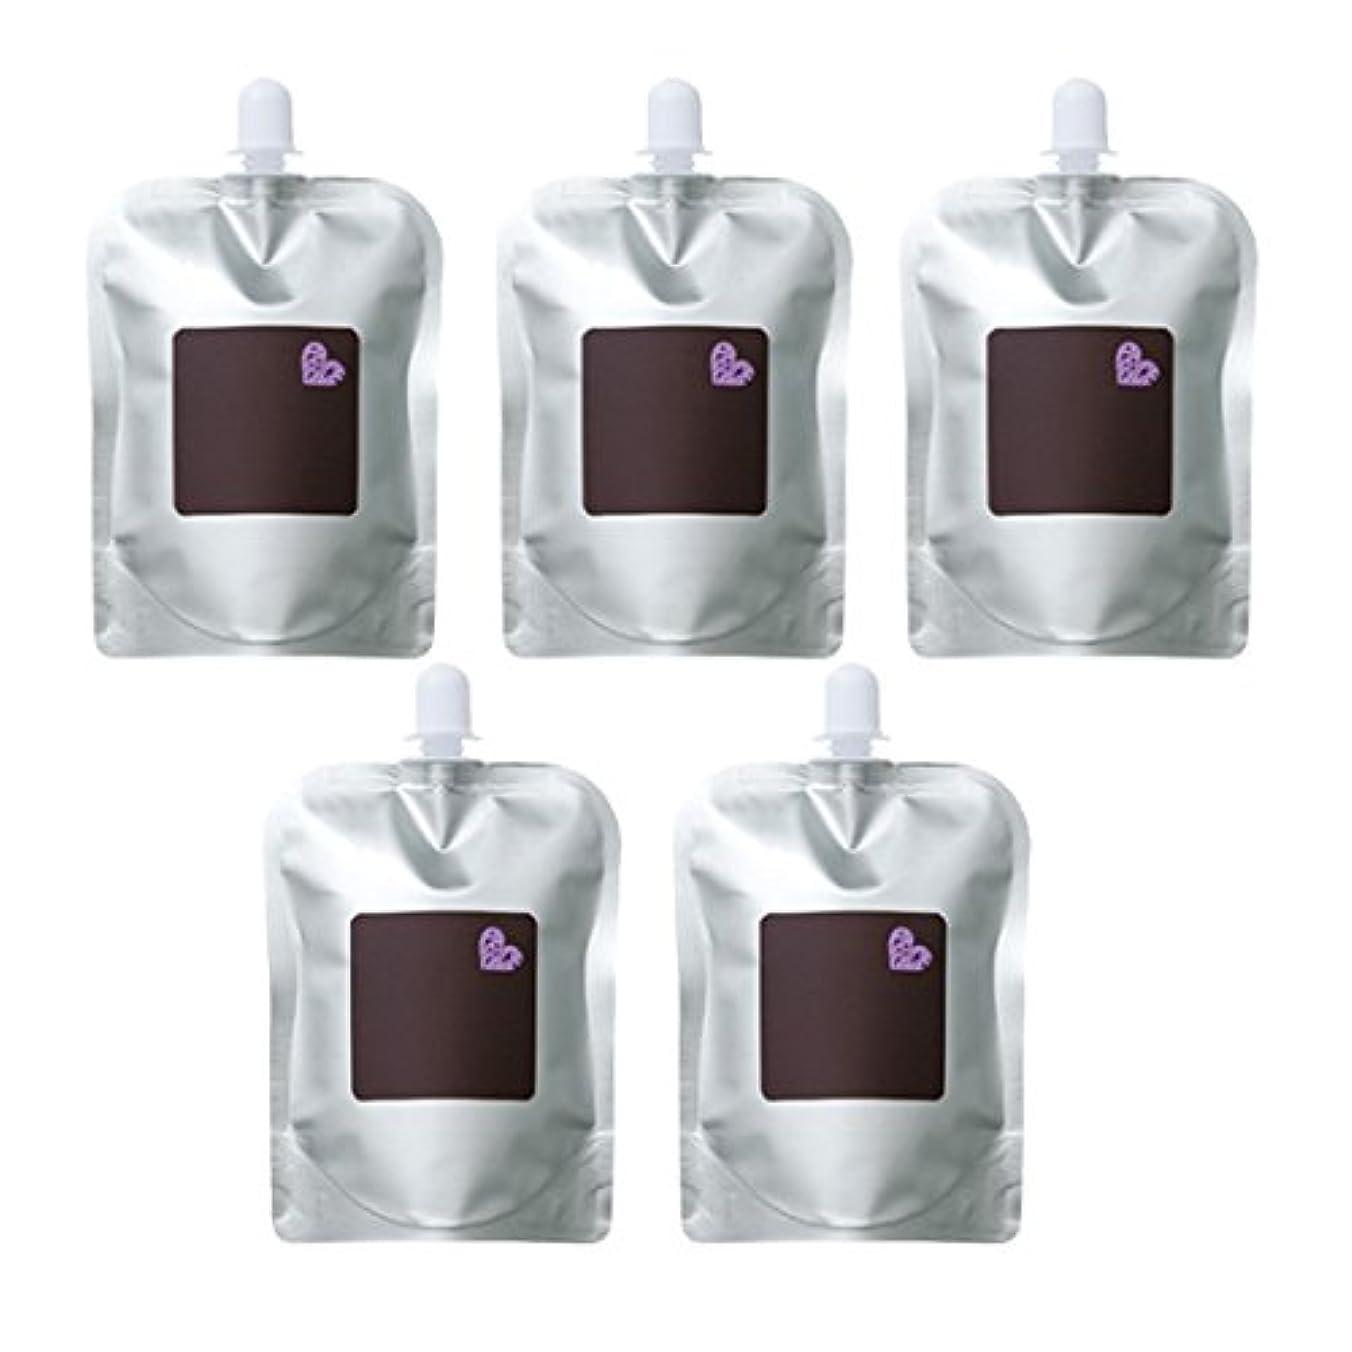 市場梨タイル【X5個セット】 アリミノ ピース バウンシーカール ホイップ 400g 詰替え用